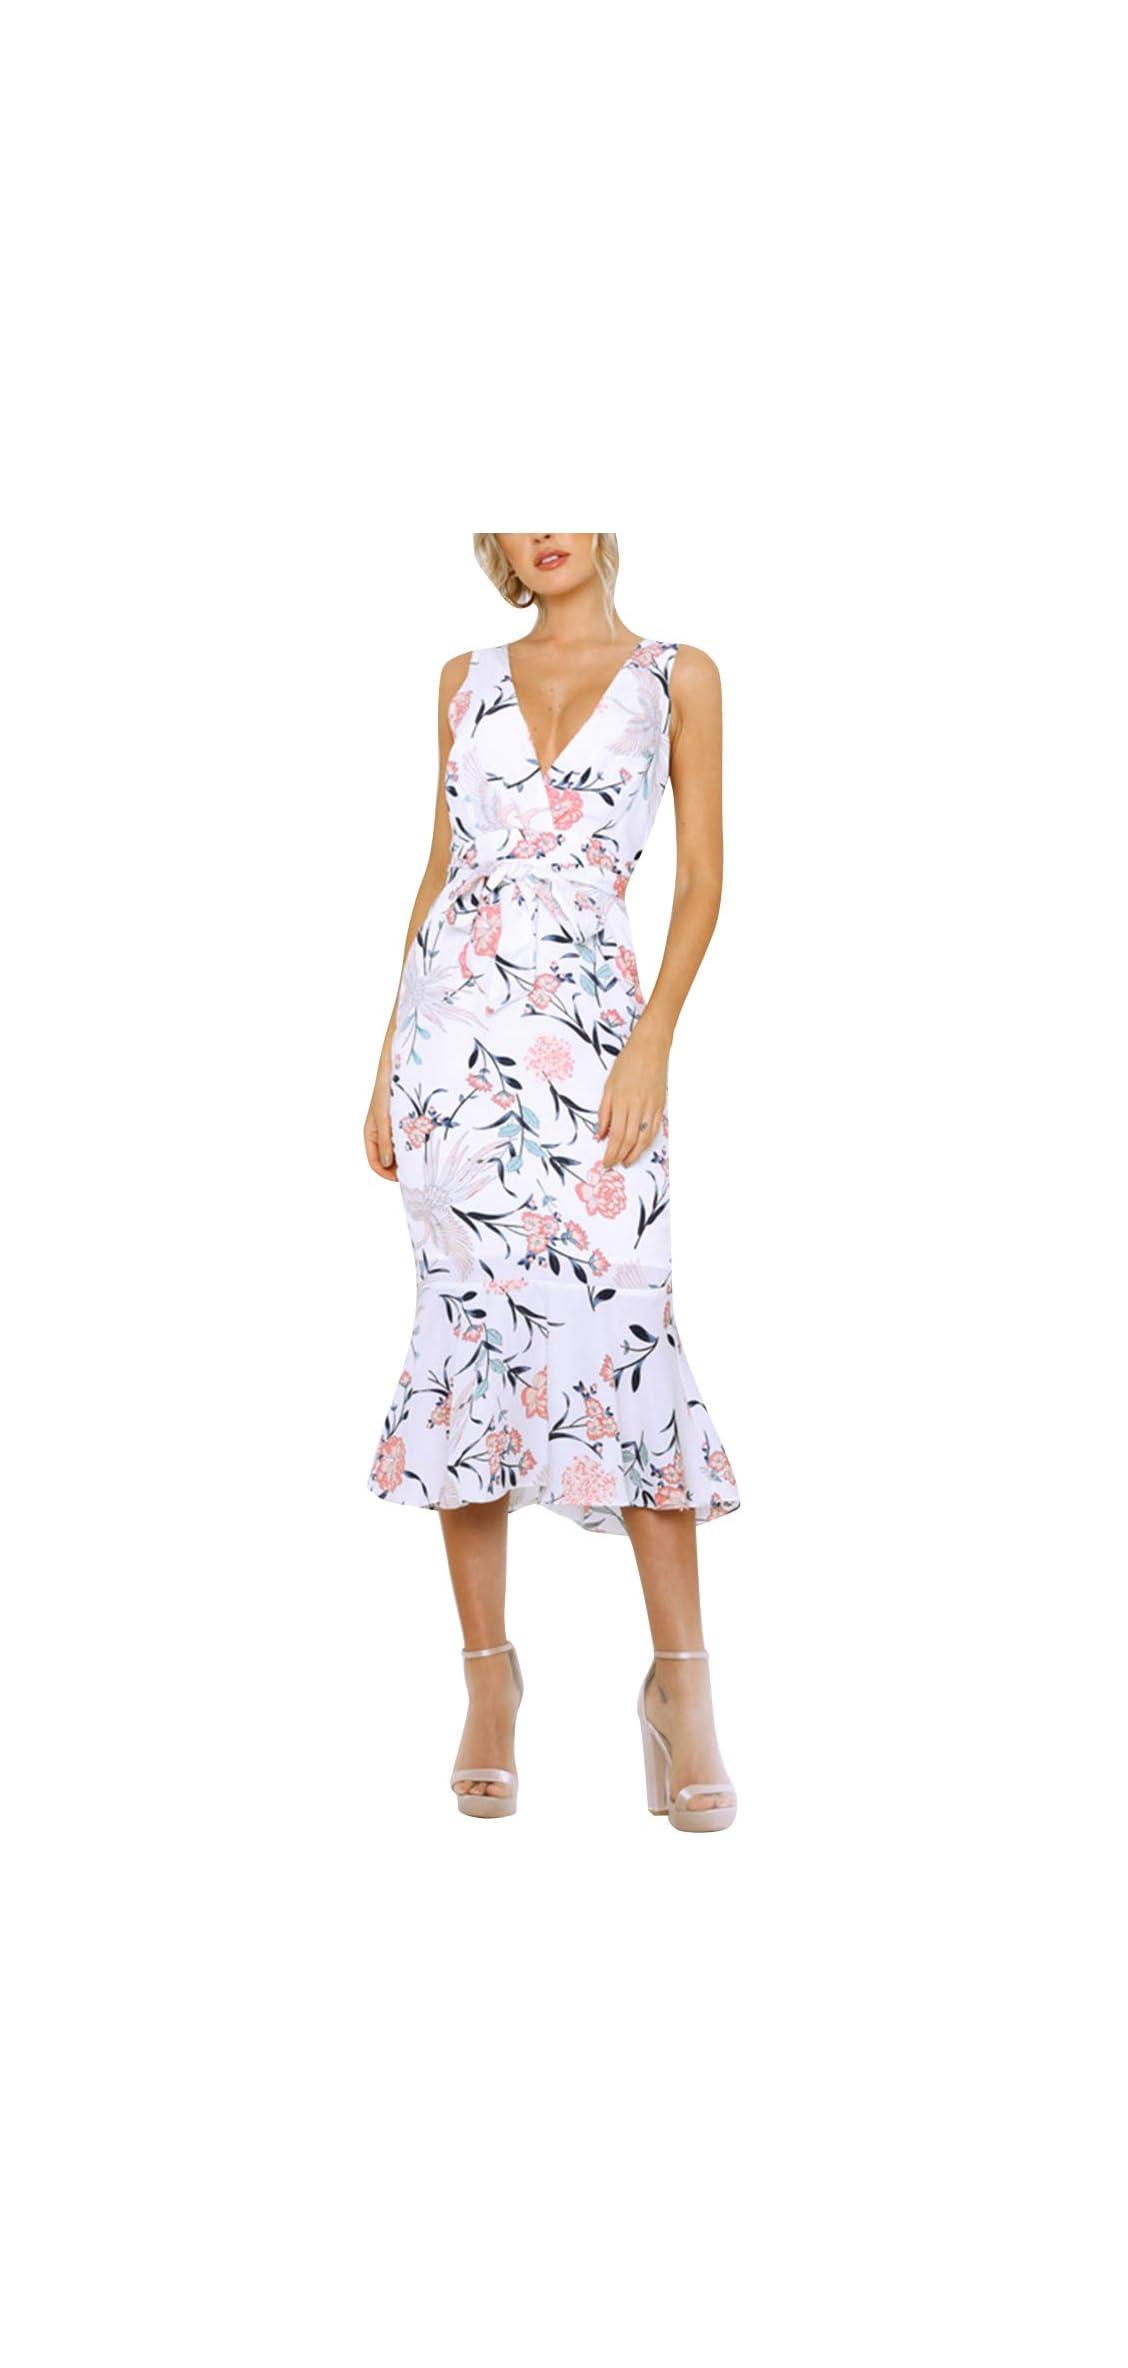 Women's Dress Summer Floral Print V-neck Sleeveless Midi